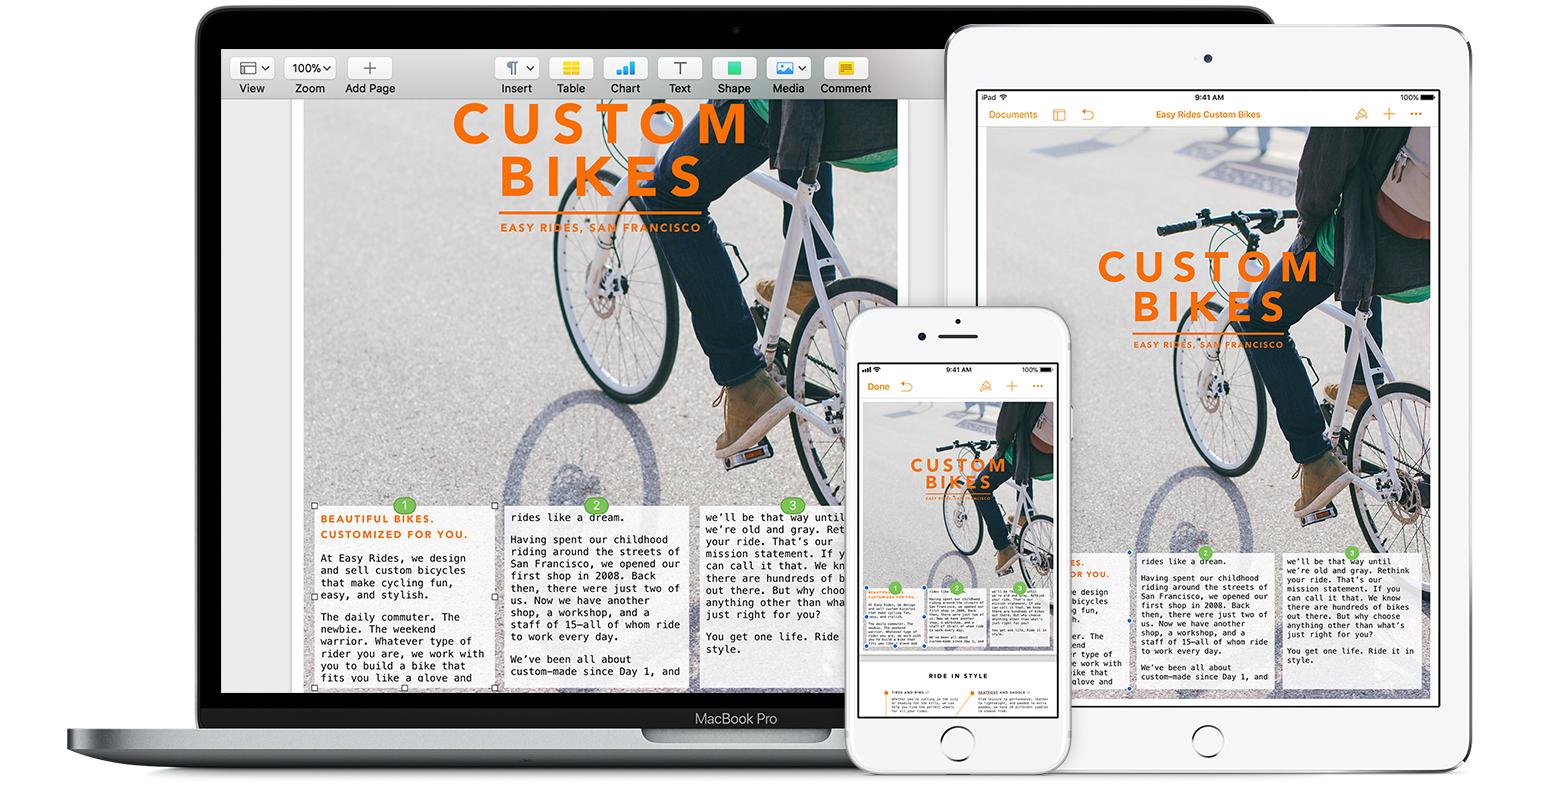 Añadir cuadros de texto enlazados en Pages - Soporte técnico de Apple